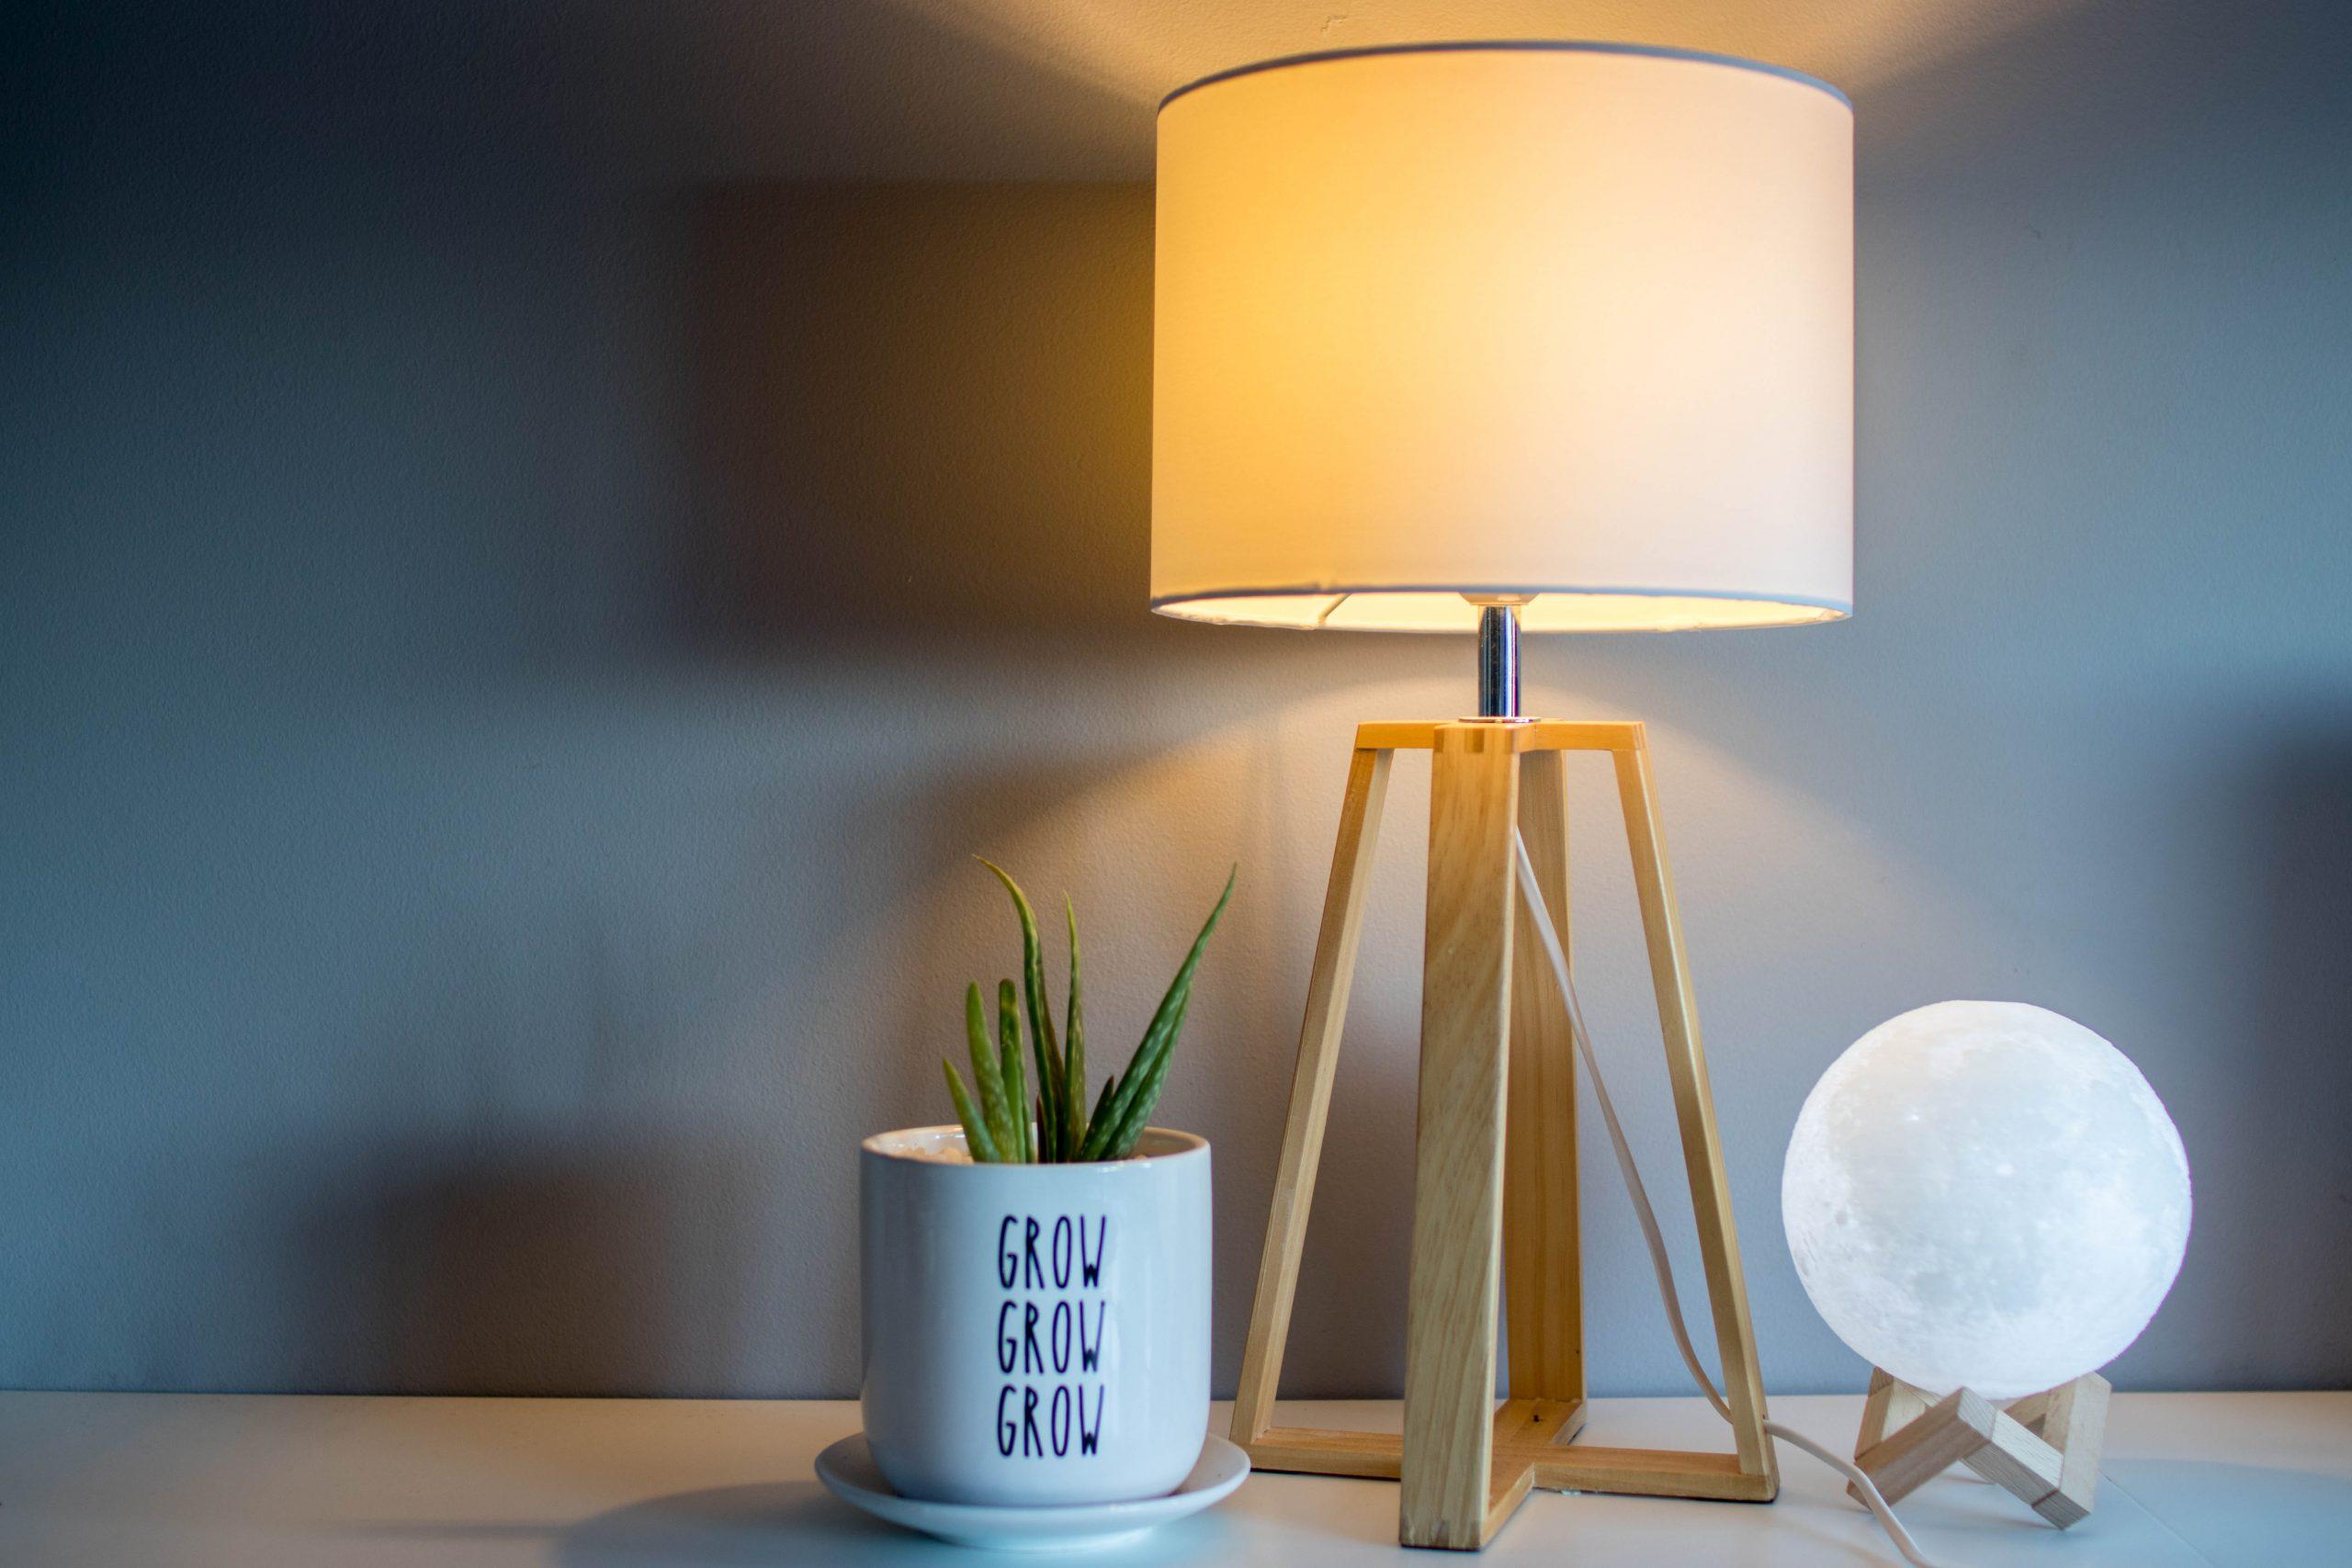 Jak wykorzystać oświetlenie w aranżacji wnętrza?